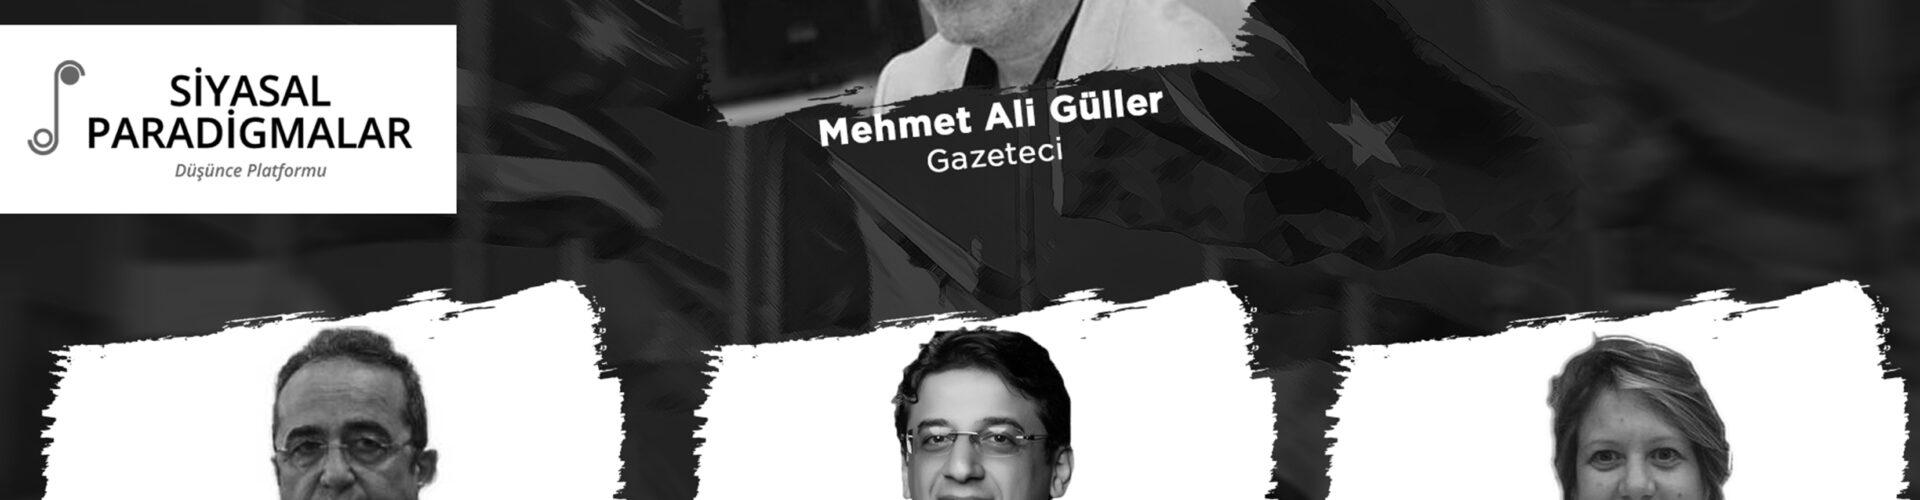 Dünya Halleri'nin Bu Haftaki Konuğu Gazeteci Mehmet Ali Güller